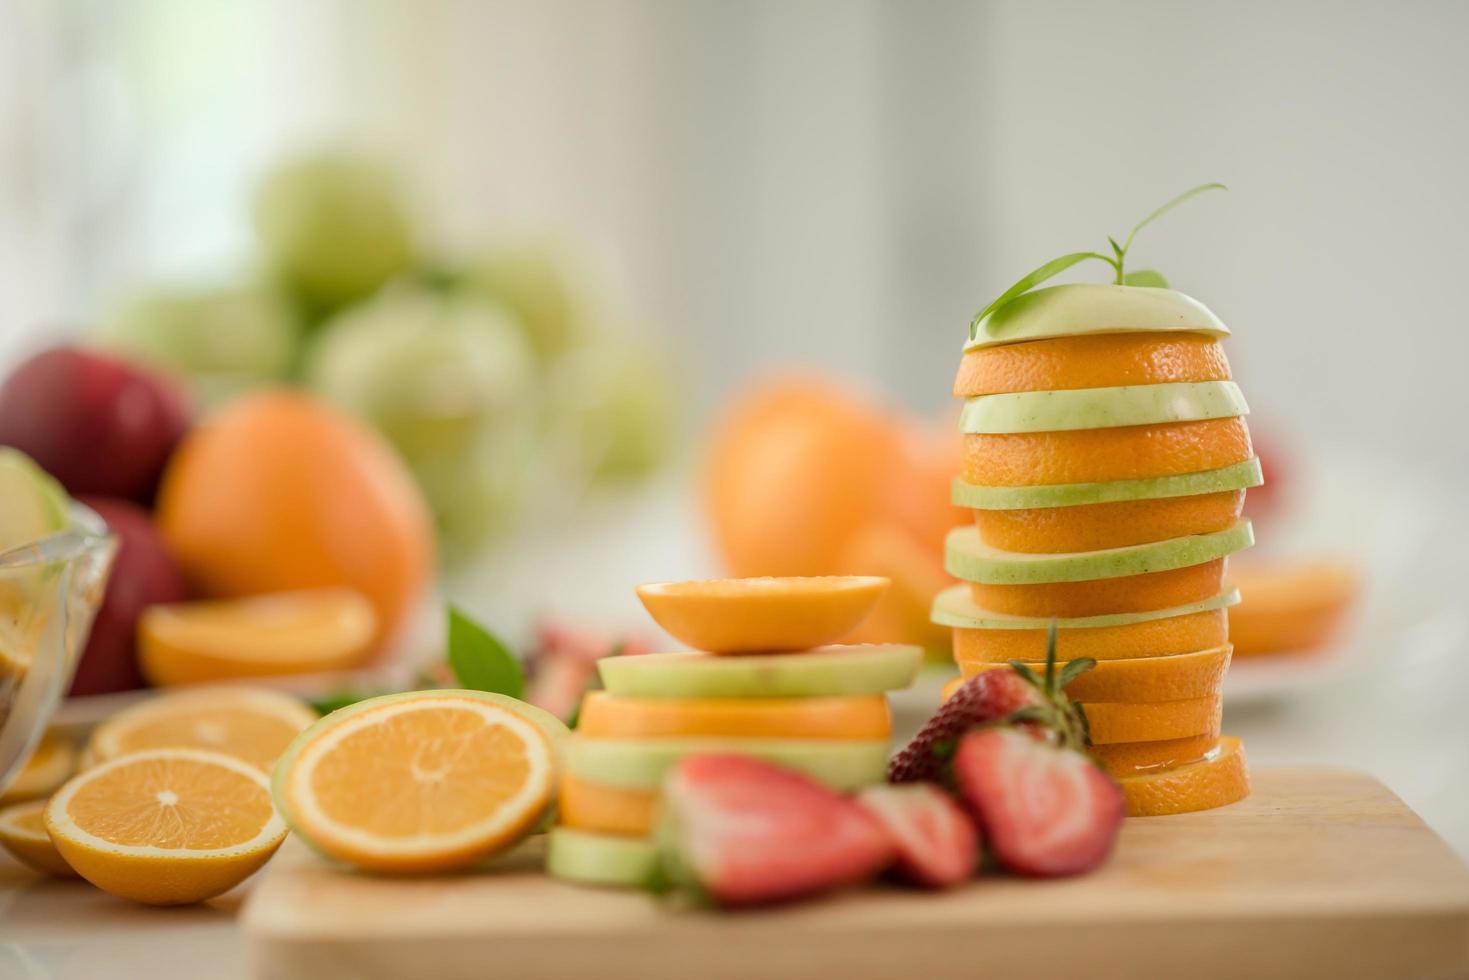 divers fruits frais photo